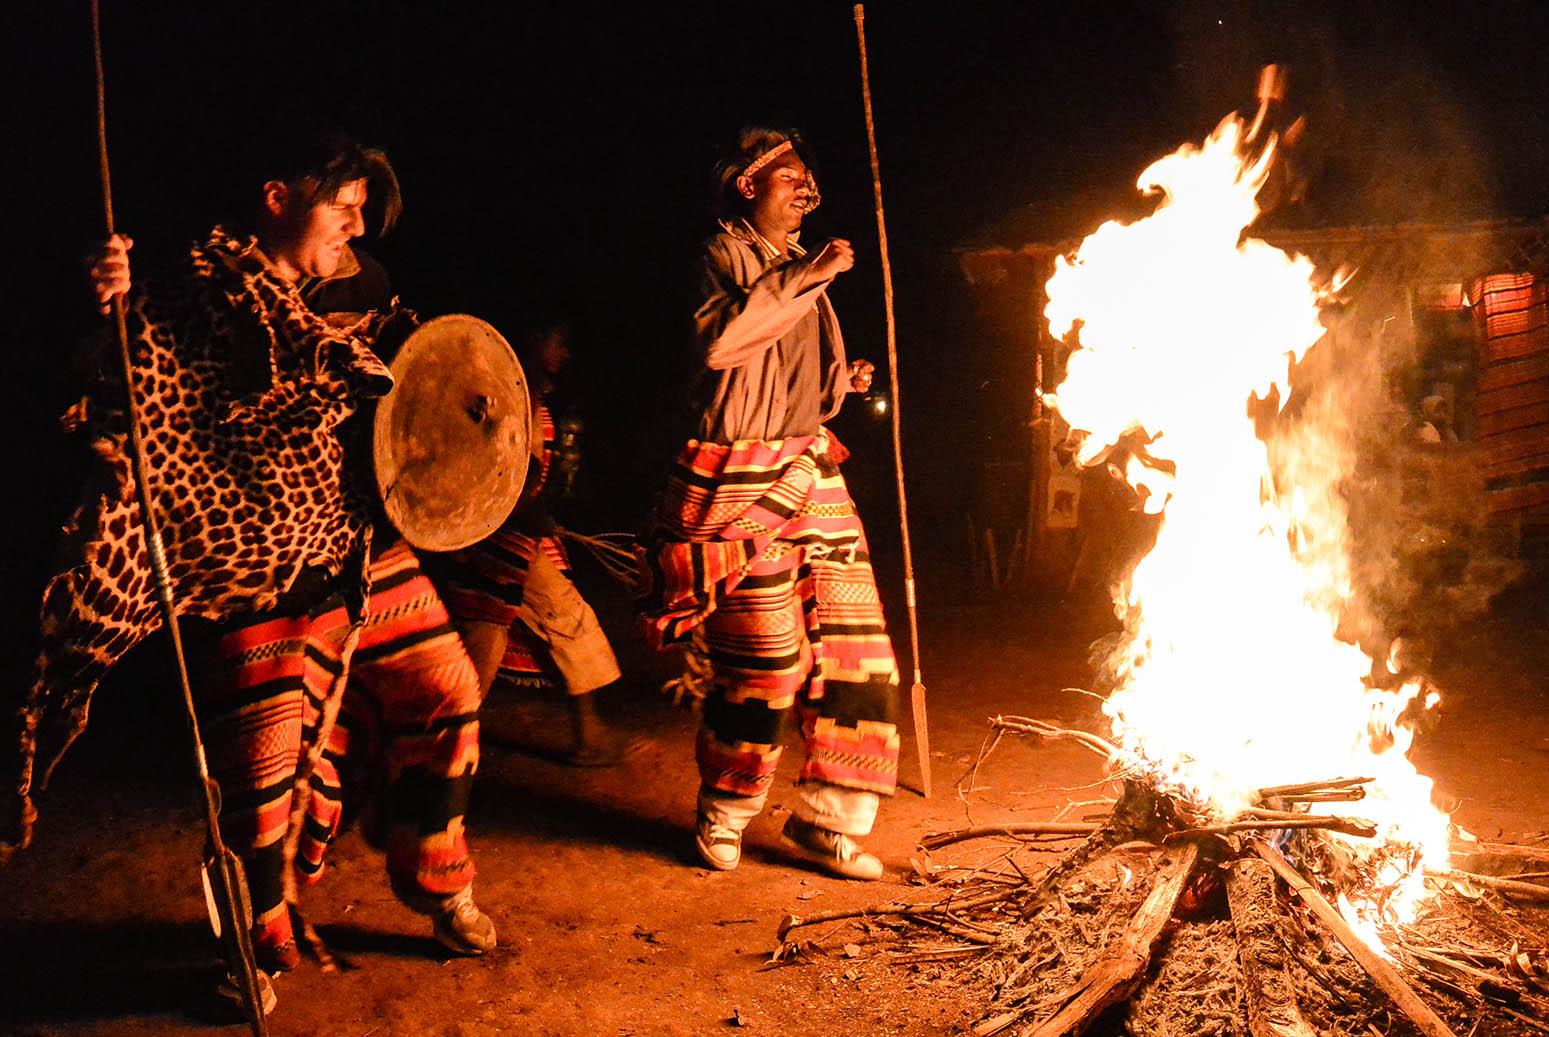 לומדים לרקוד כמו אנשי שבט הדורזה